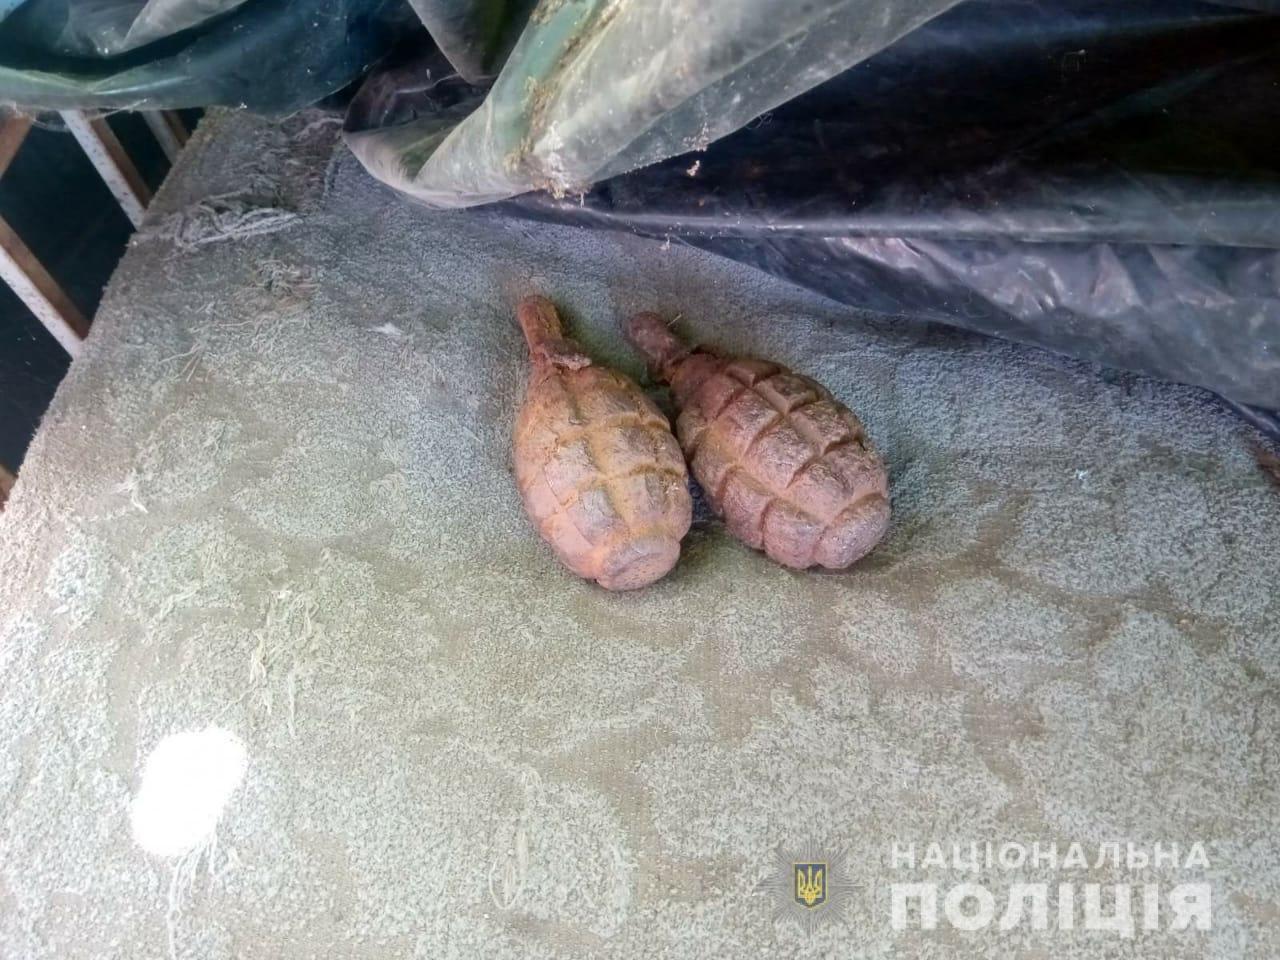 На Харьковщине силовики разоблачили местного жителя, хранившего в доме боеприпасы, - ФОТО, фото-2